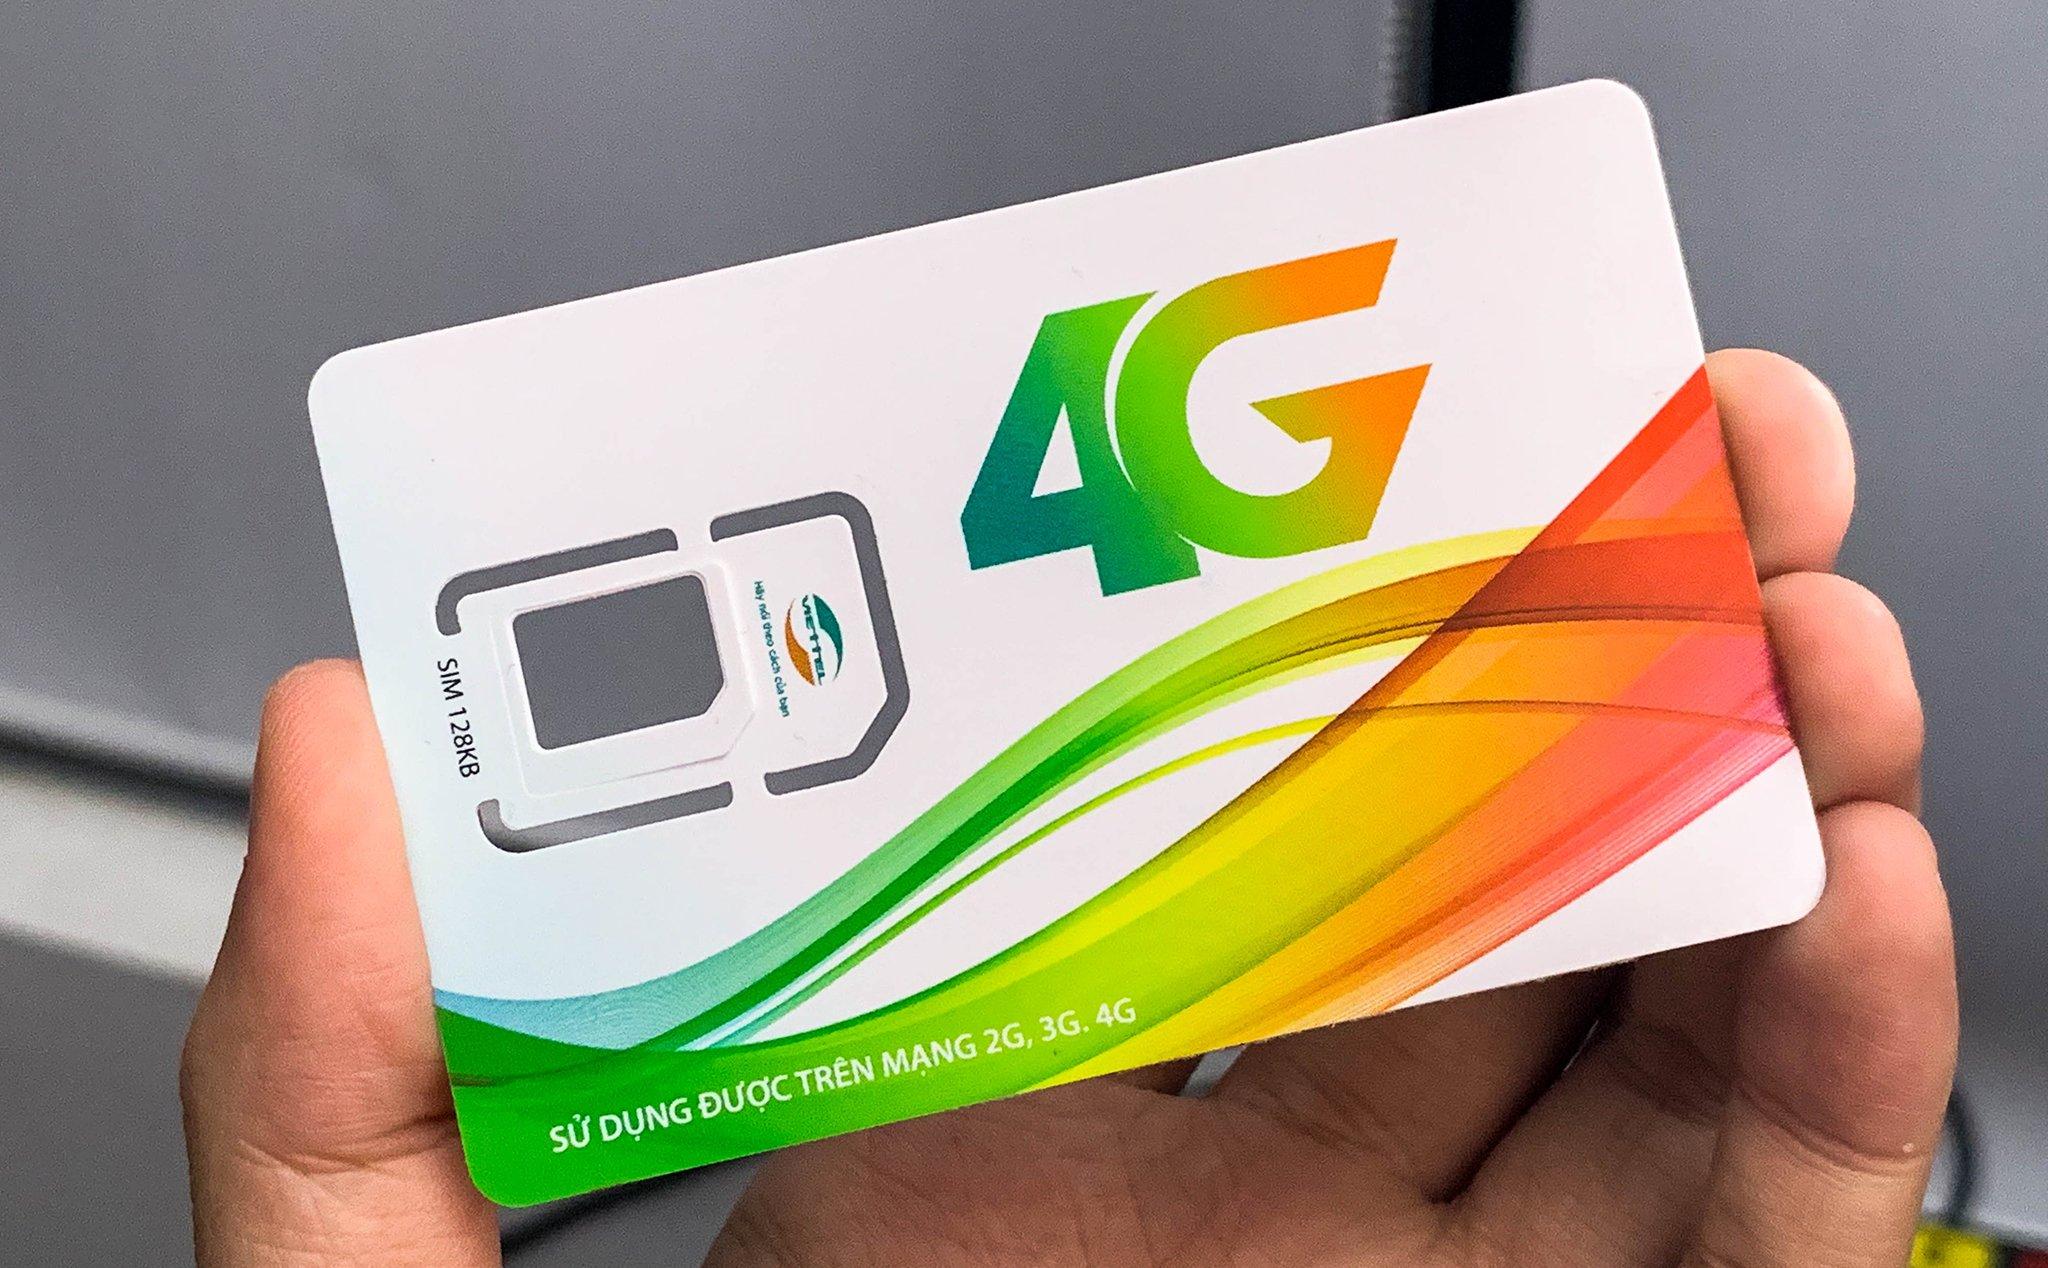 Anh em đang dùng SIM 4G nào? Nên mua SIM 4G của nhà mạng nào và gói cước  nào? | Tinh tế